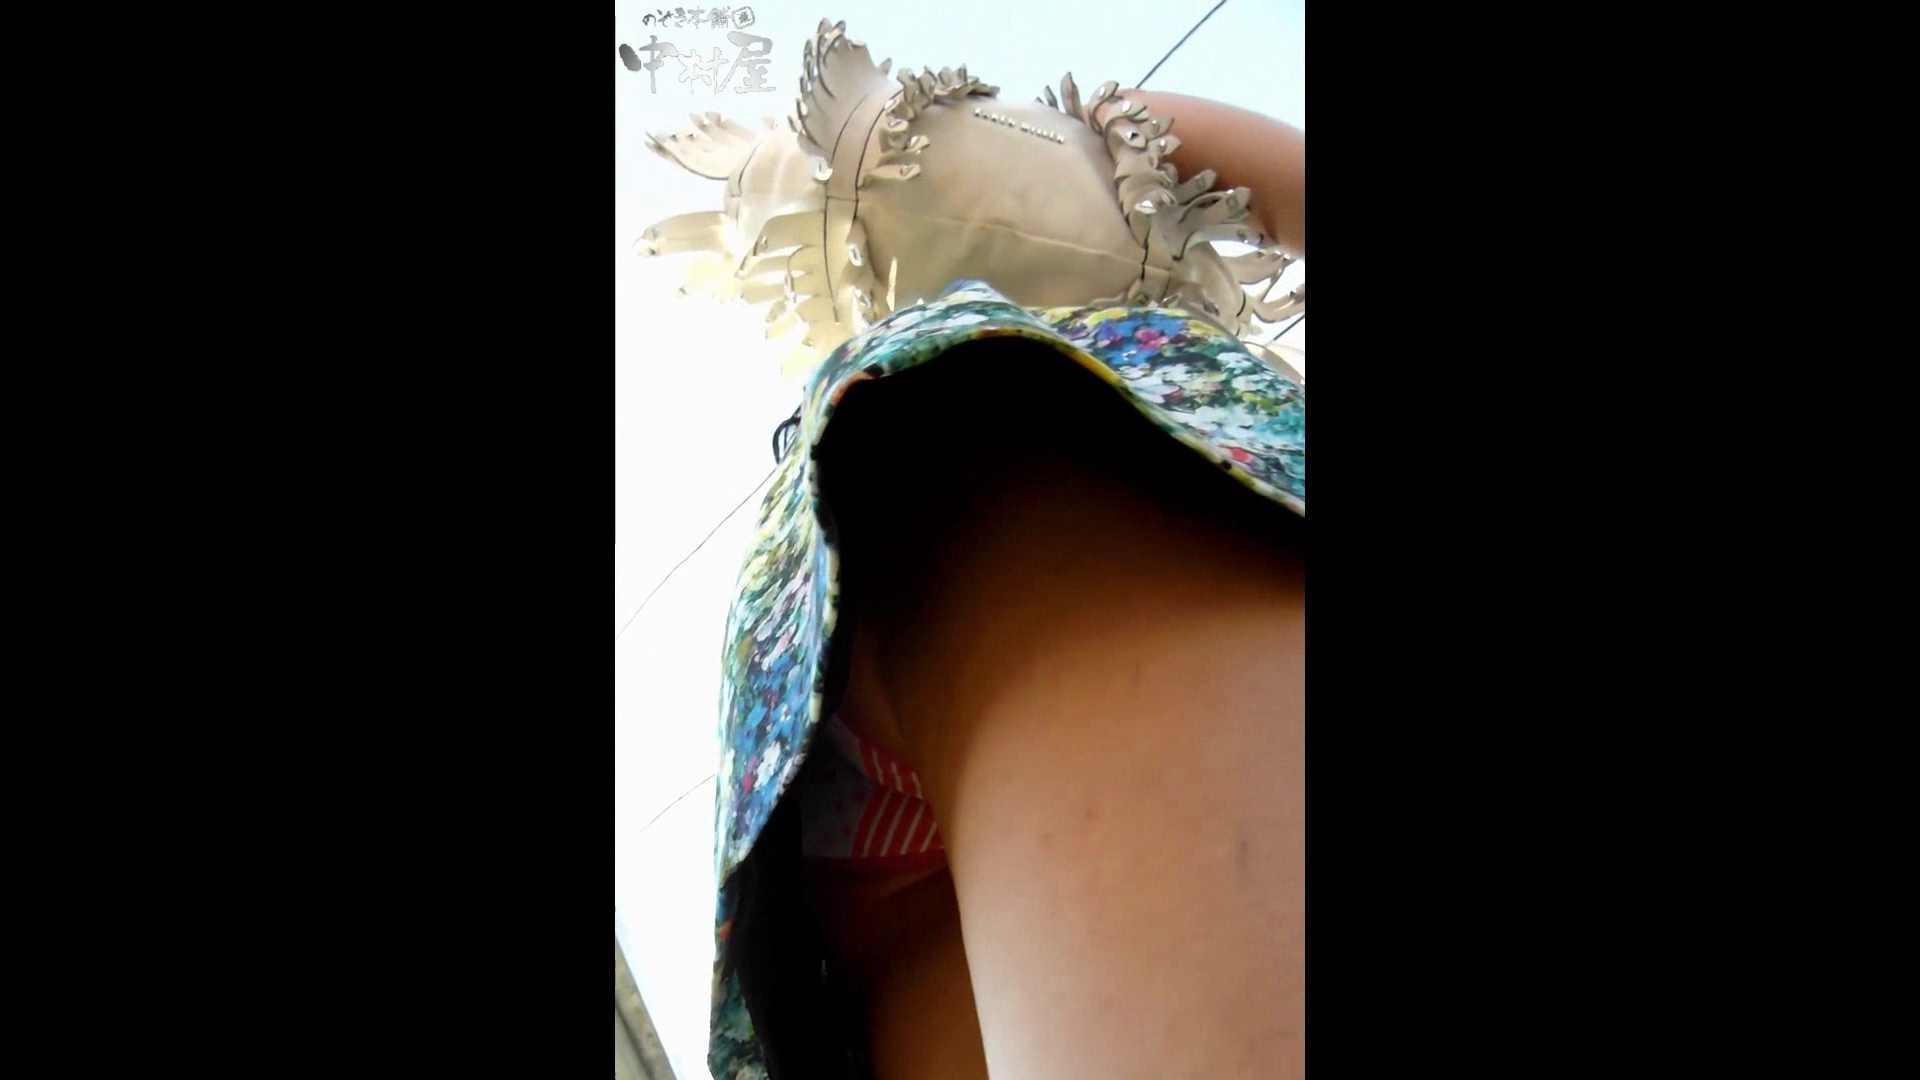 綺麗なモデルさんのスカート捲っちゃおう‼ vol16 OLハメ撮り  25Pix 1